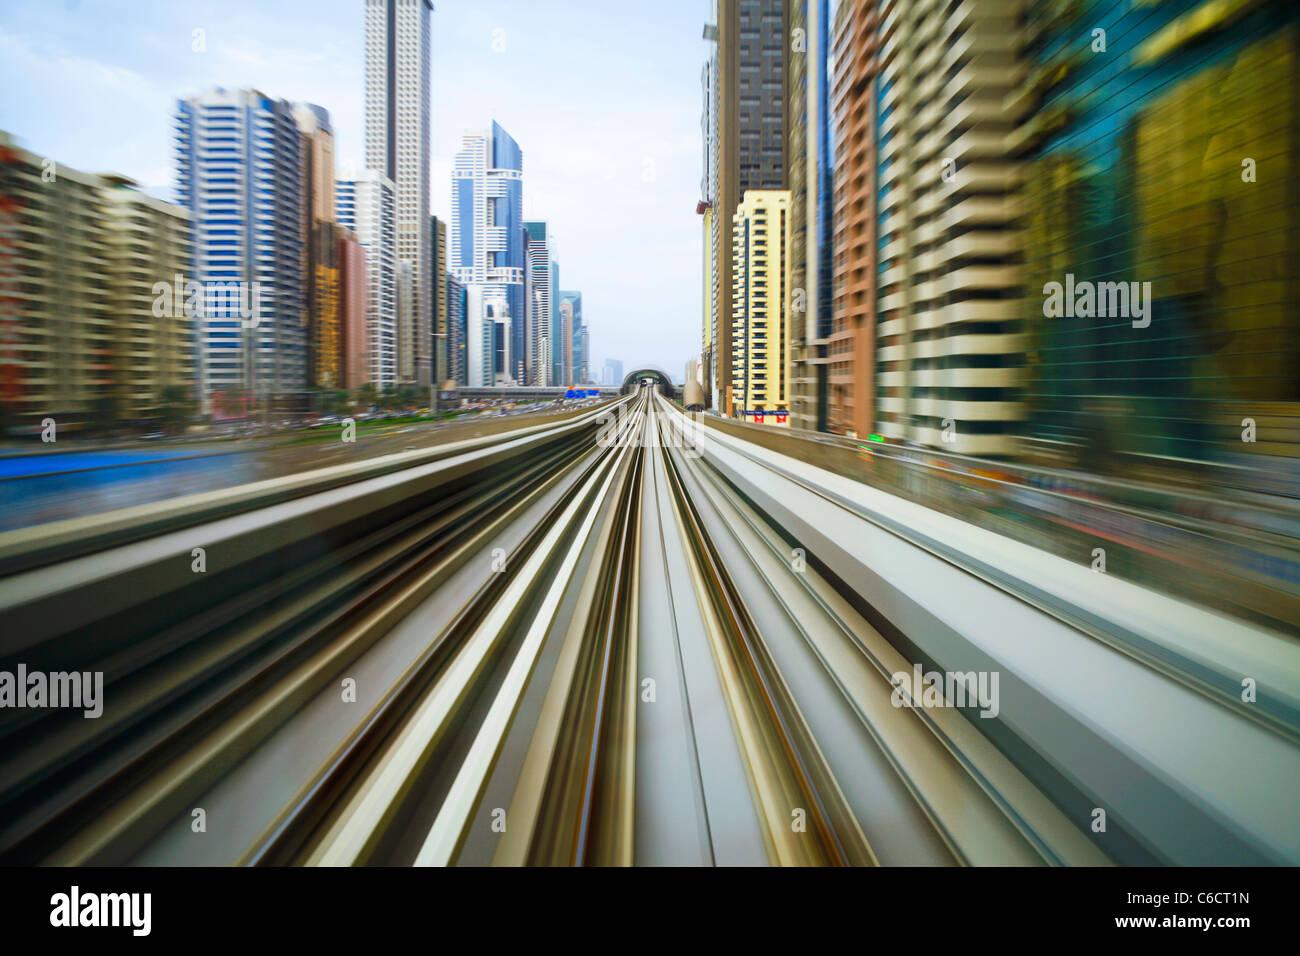 Opened in 2010, the Dubai Metro, MRT, in motion along Sheikh Zayed Road at dusk, Dubai, United Arab Emirates - Stock Image